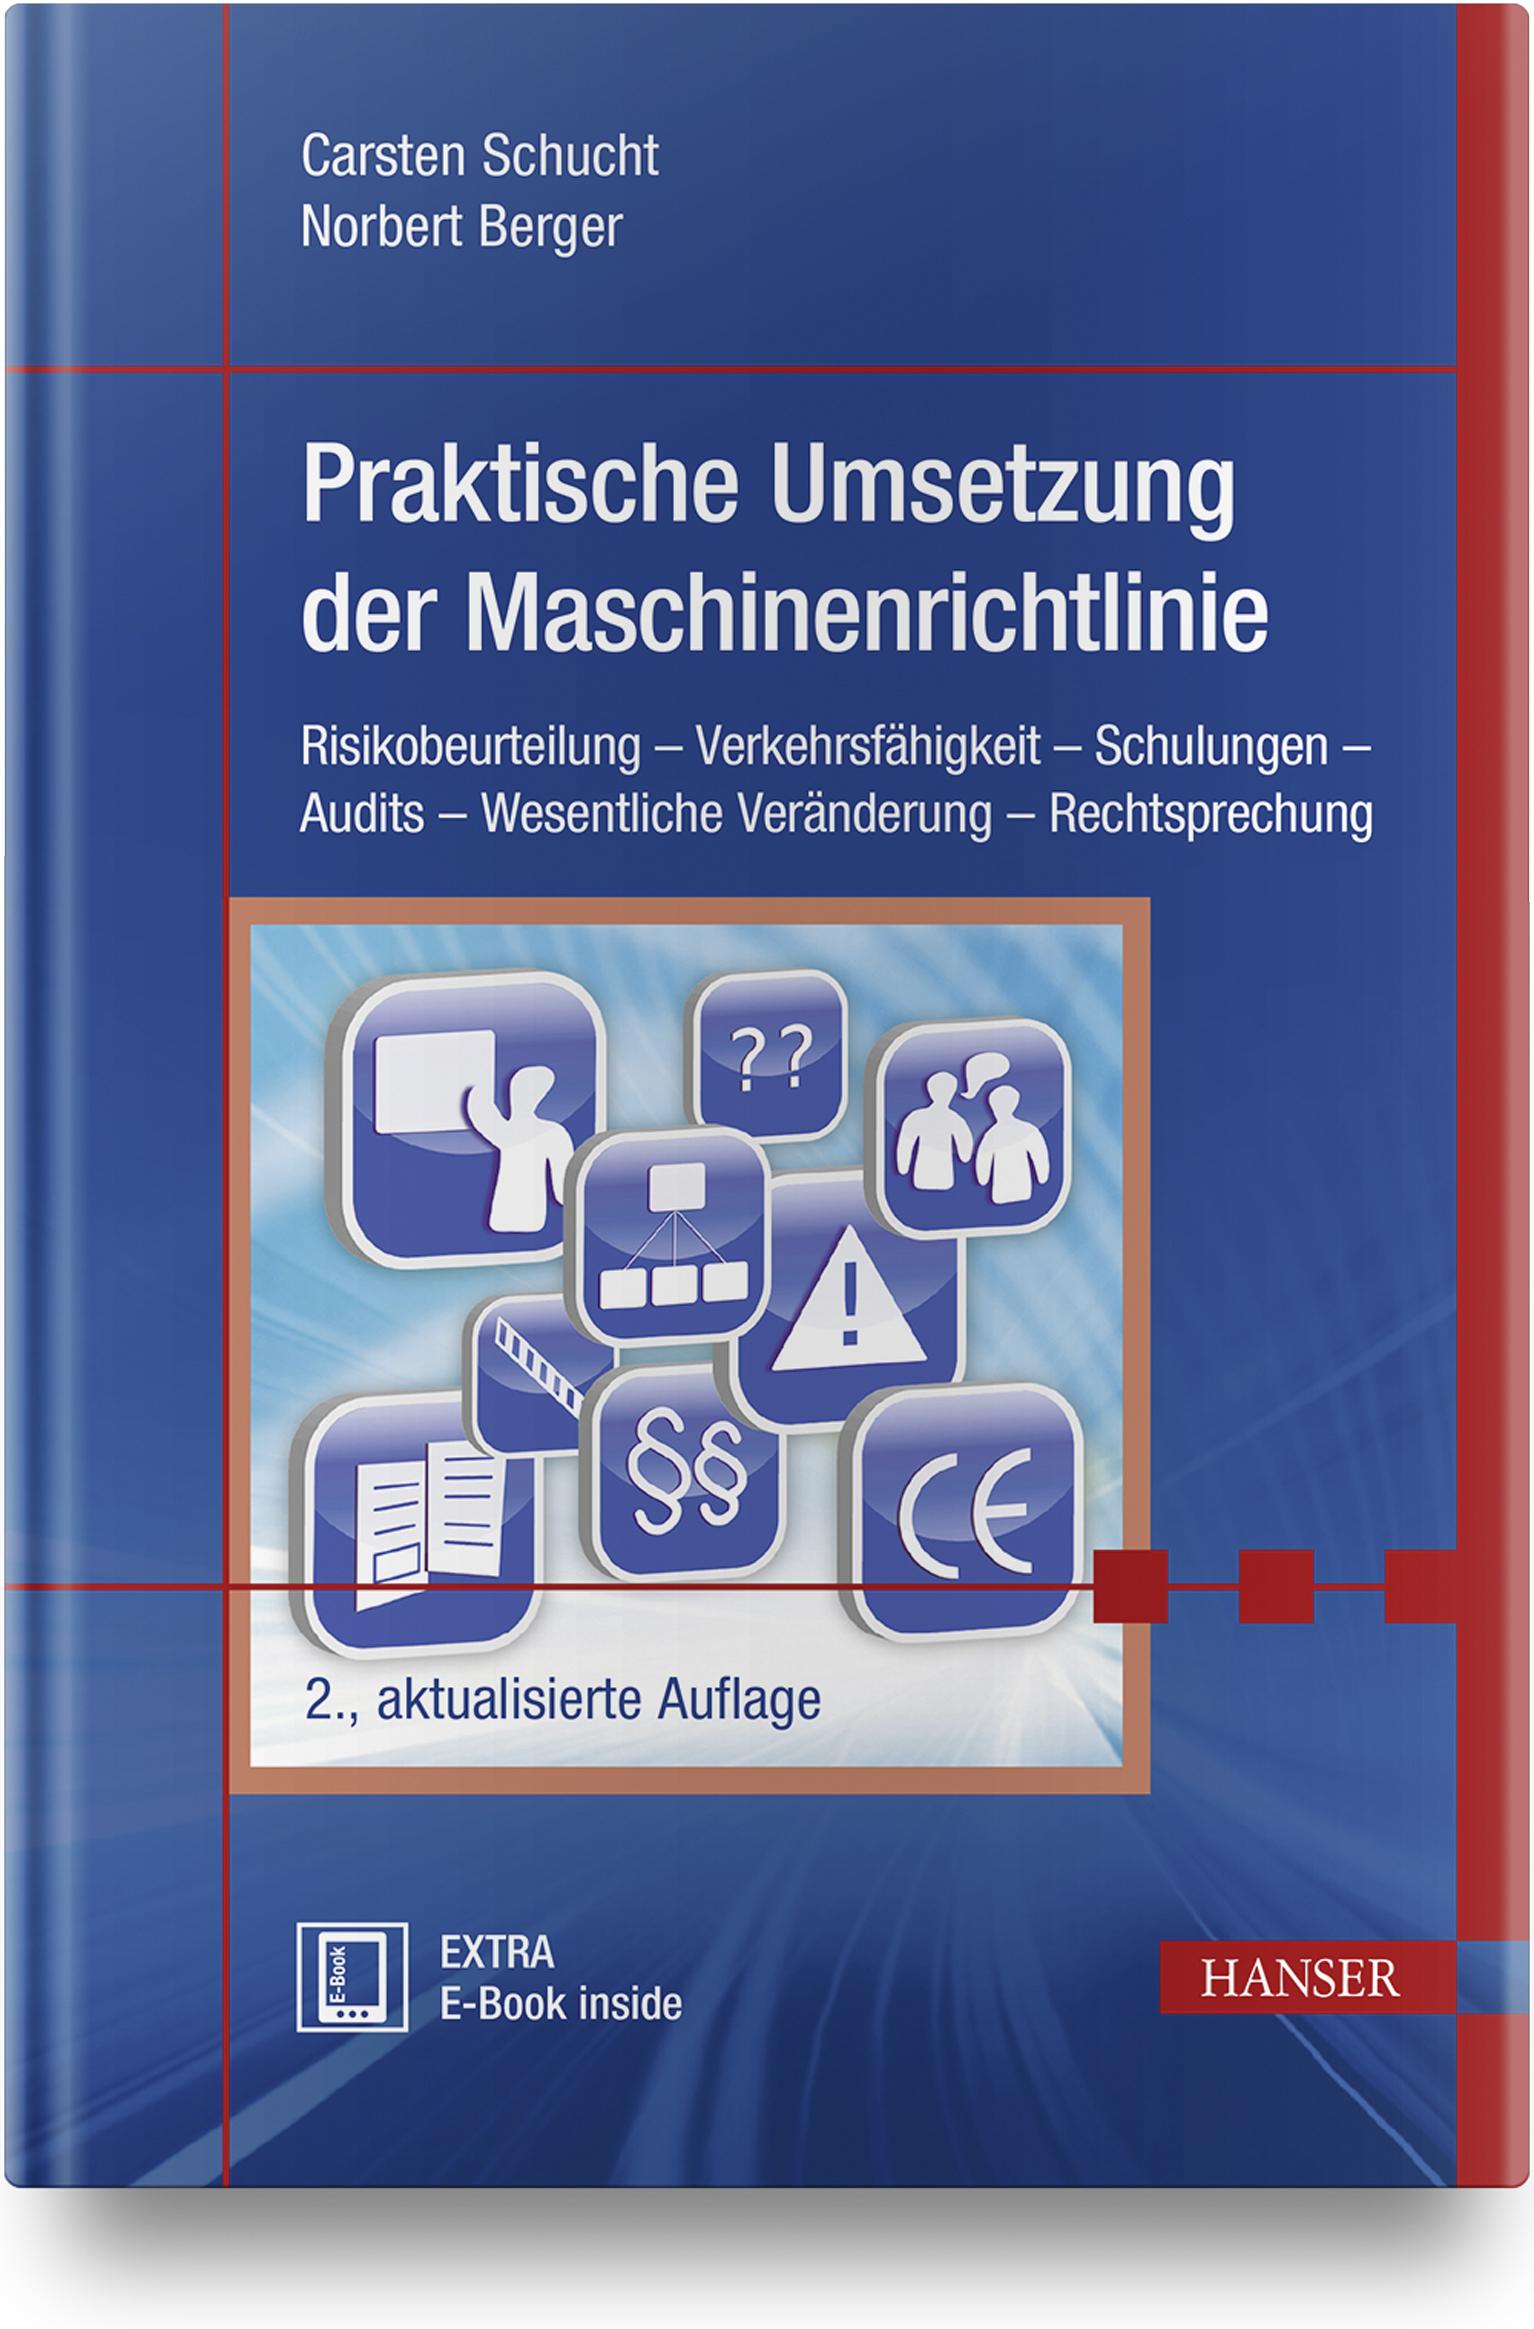 Schucht, Berger, Praktische Umsetzung der Maschinenrichtlinie, 978-3-446-45879-6